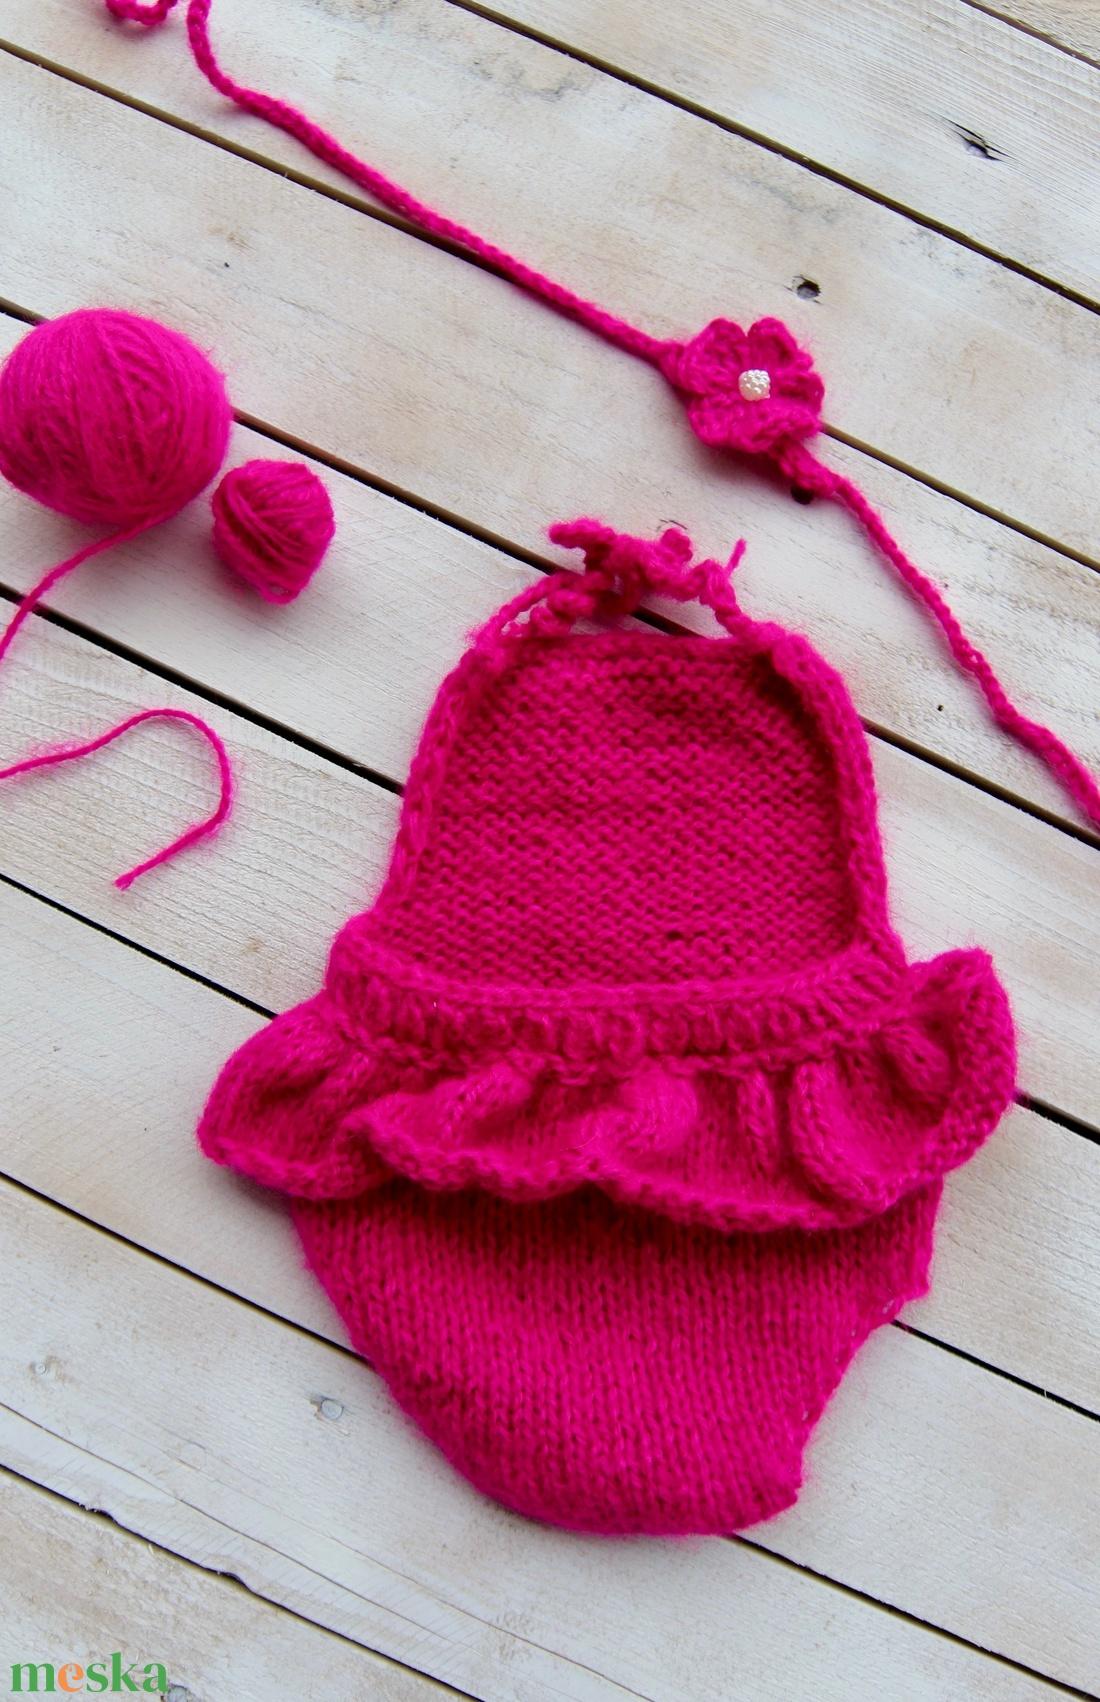 Pink body szett (2 részes) - ruha & divat - babaruha & gyerekruha - body - Meska.hu